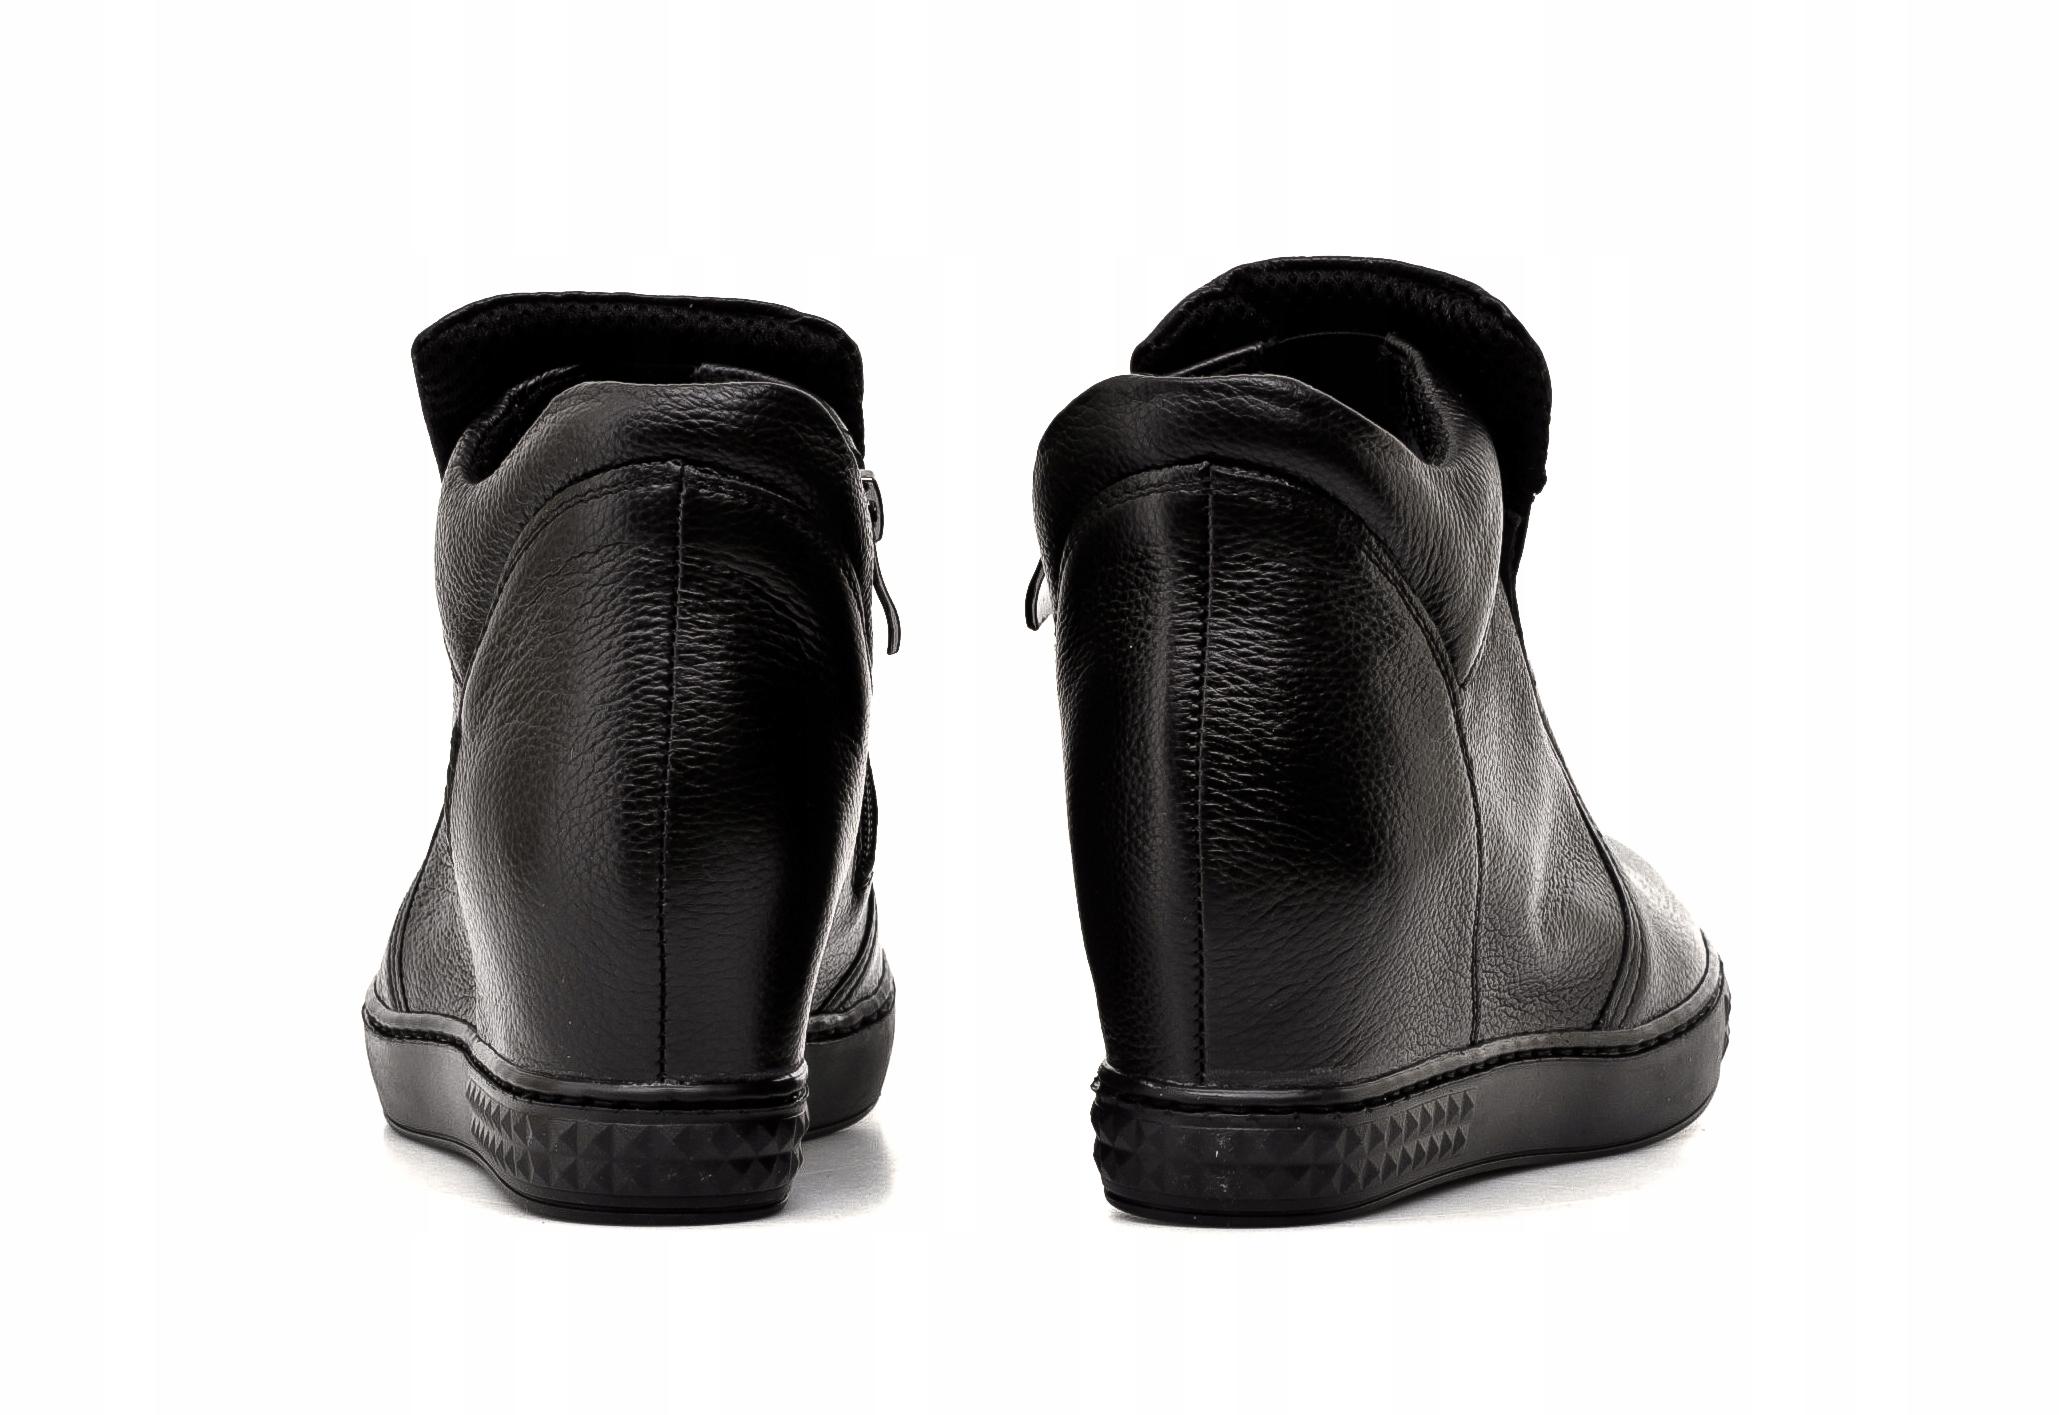 cda46602c3587 Sneakersy Damskie Venezia Czarne 1122C r.37 od GS - 7662647725 ...